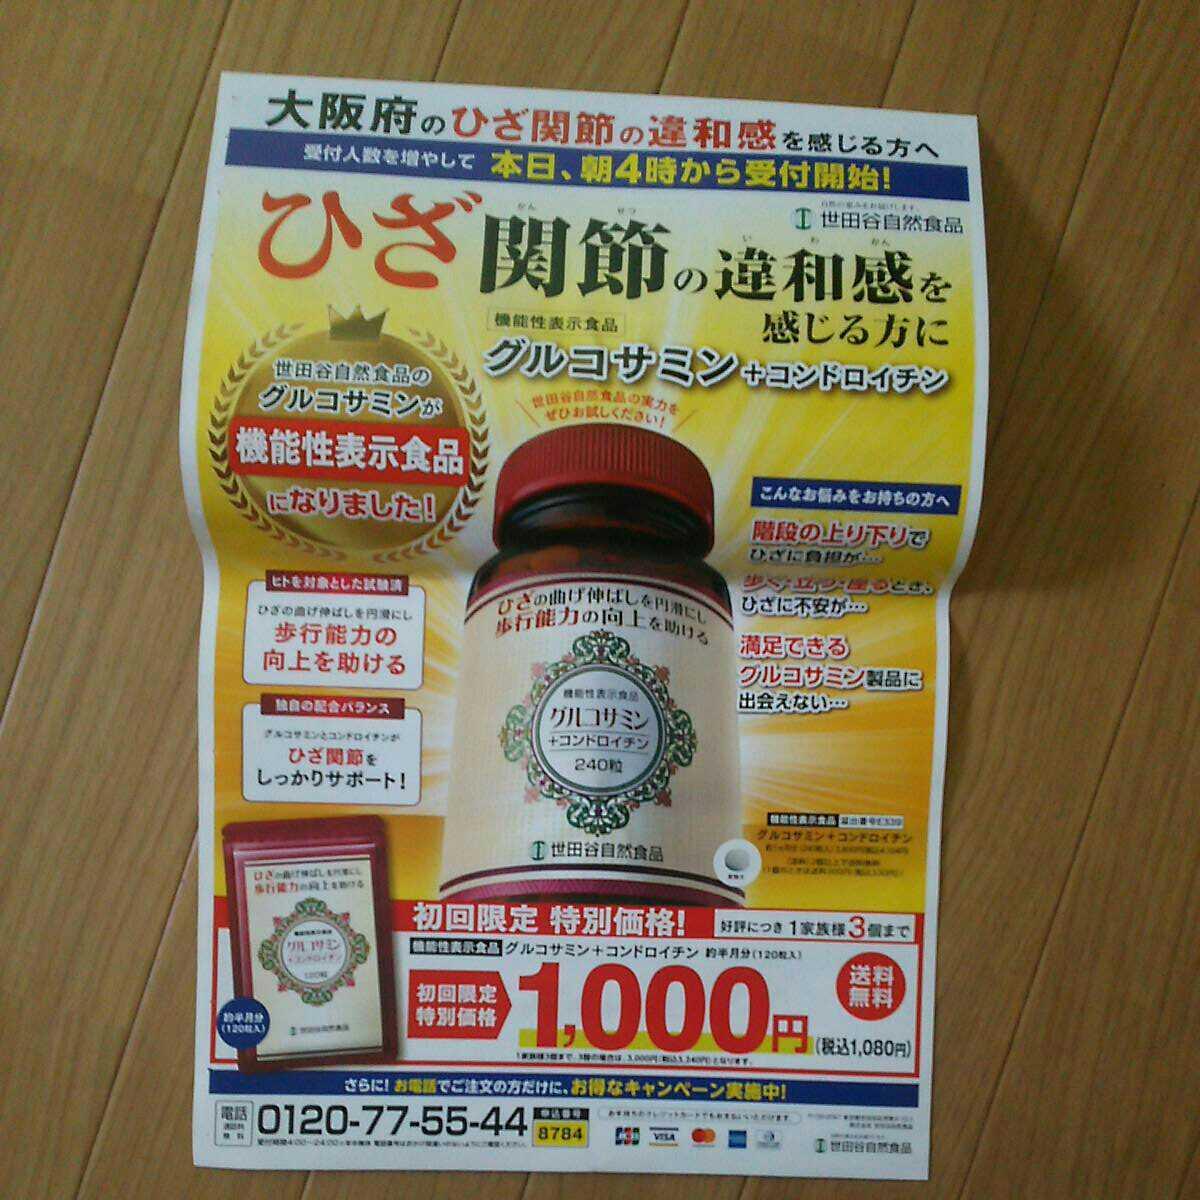 世田谷自然食品 グルコサミン+コンドロイチン 初回限定 特別価格 キャンペーン広告紙 差出有効期限:2022.5/16迄_画像3